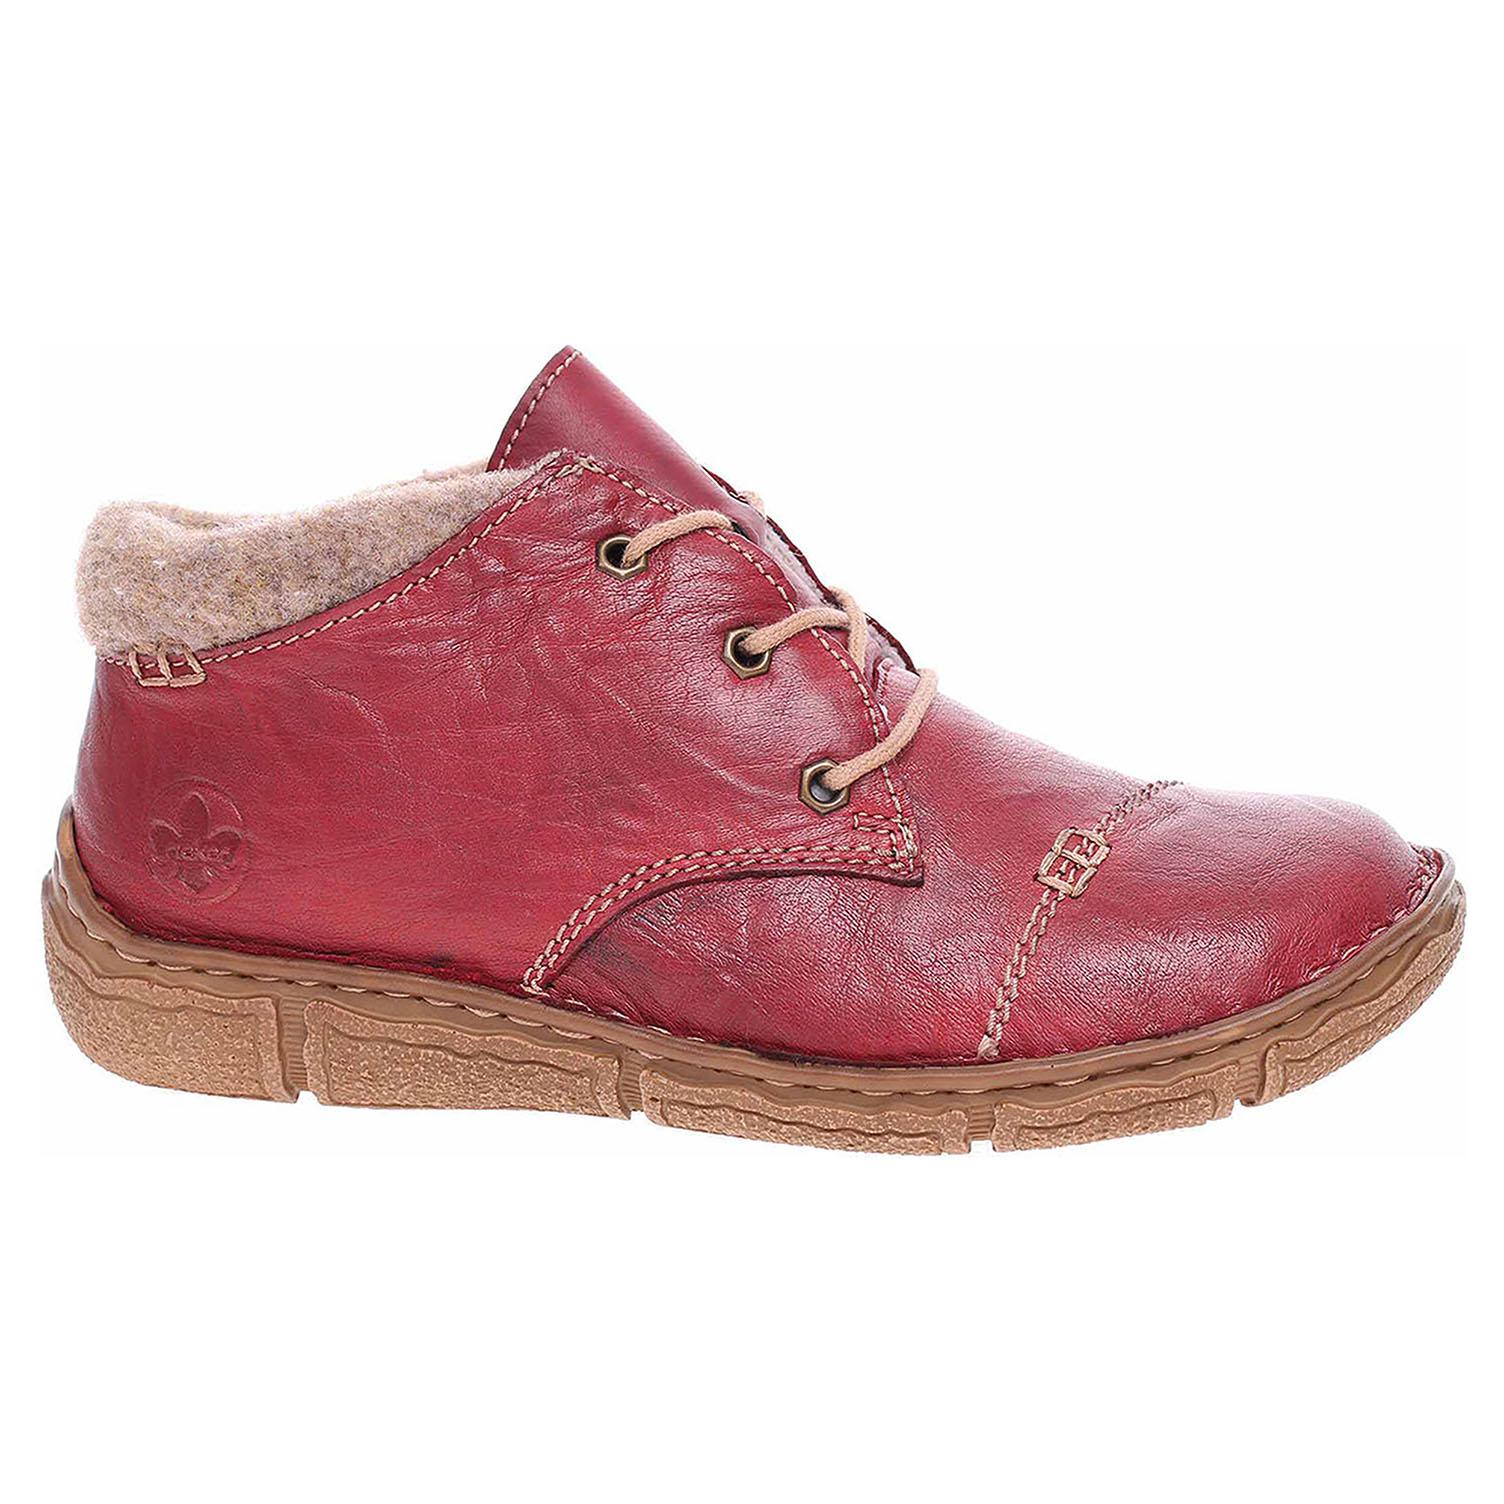 Dámská kotníková obuv Rieker L3742-36 rot L3742-36 39